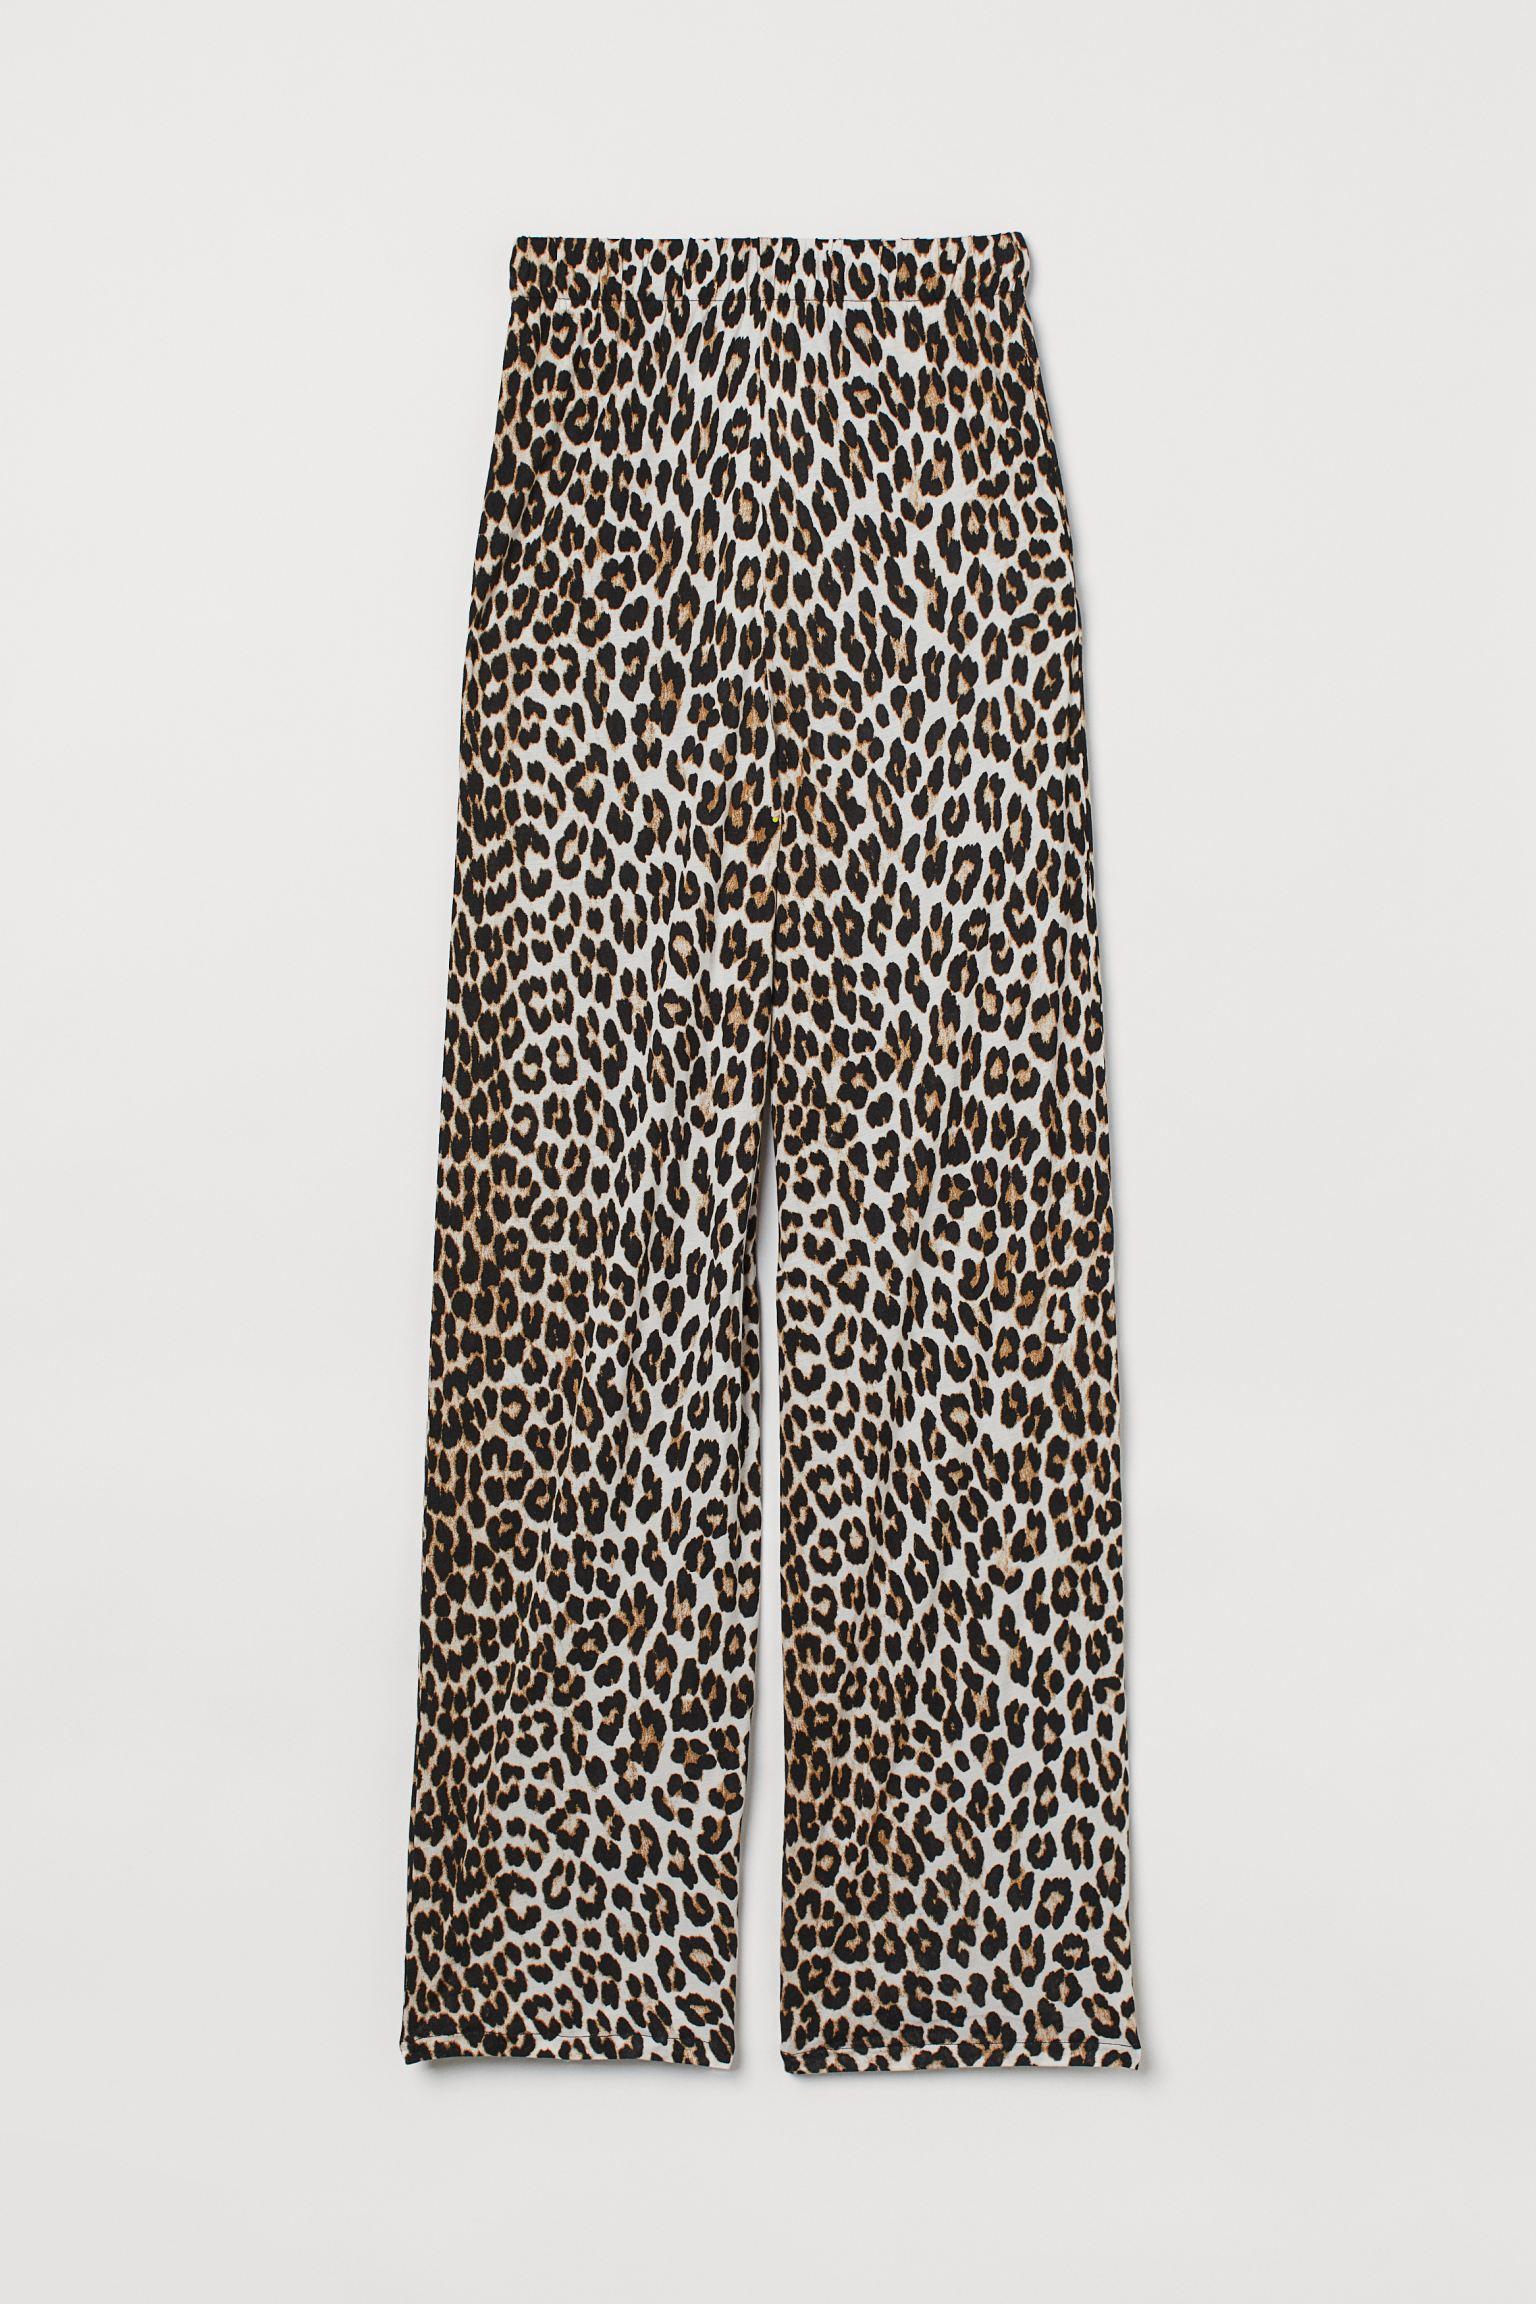 Pantalón en punto suave de viscosa. Modelo de talle alto con elástico revestido en la cintura, bolsillos discretos en las costuras laterales y perneras amplias rectas.